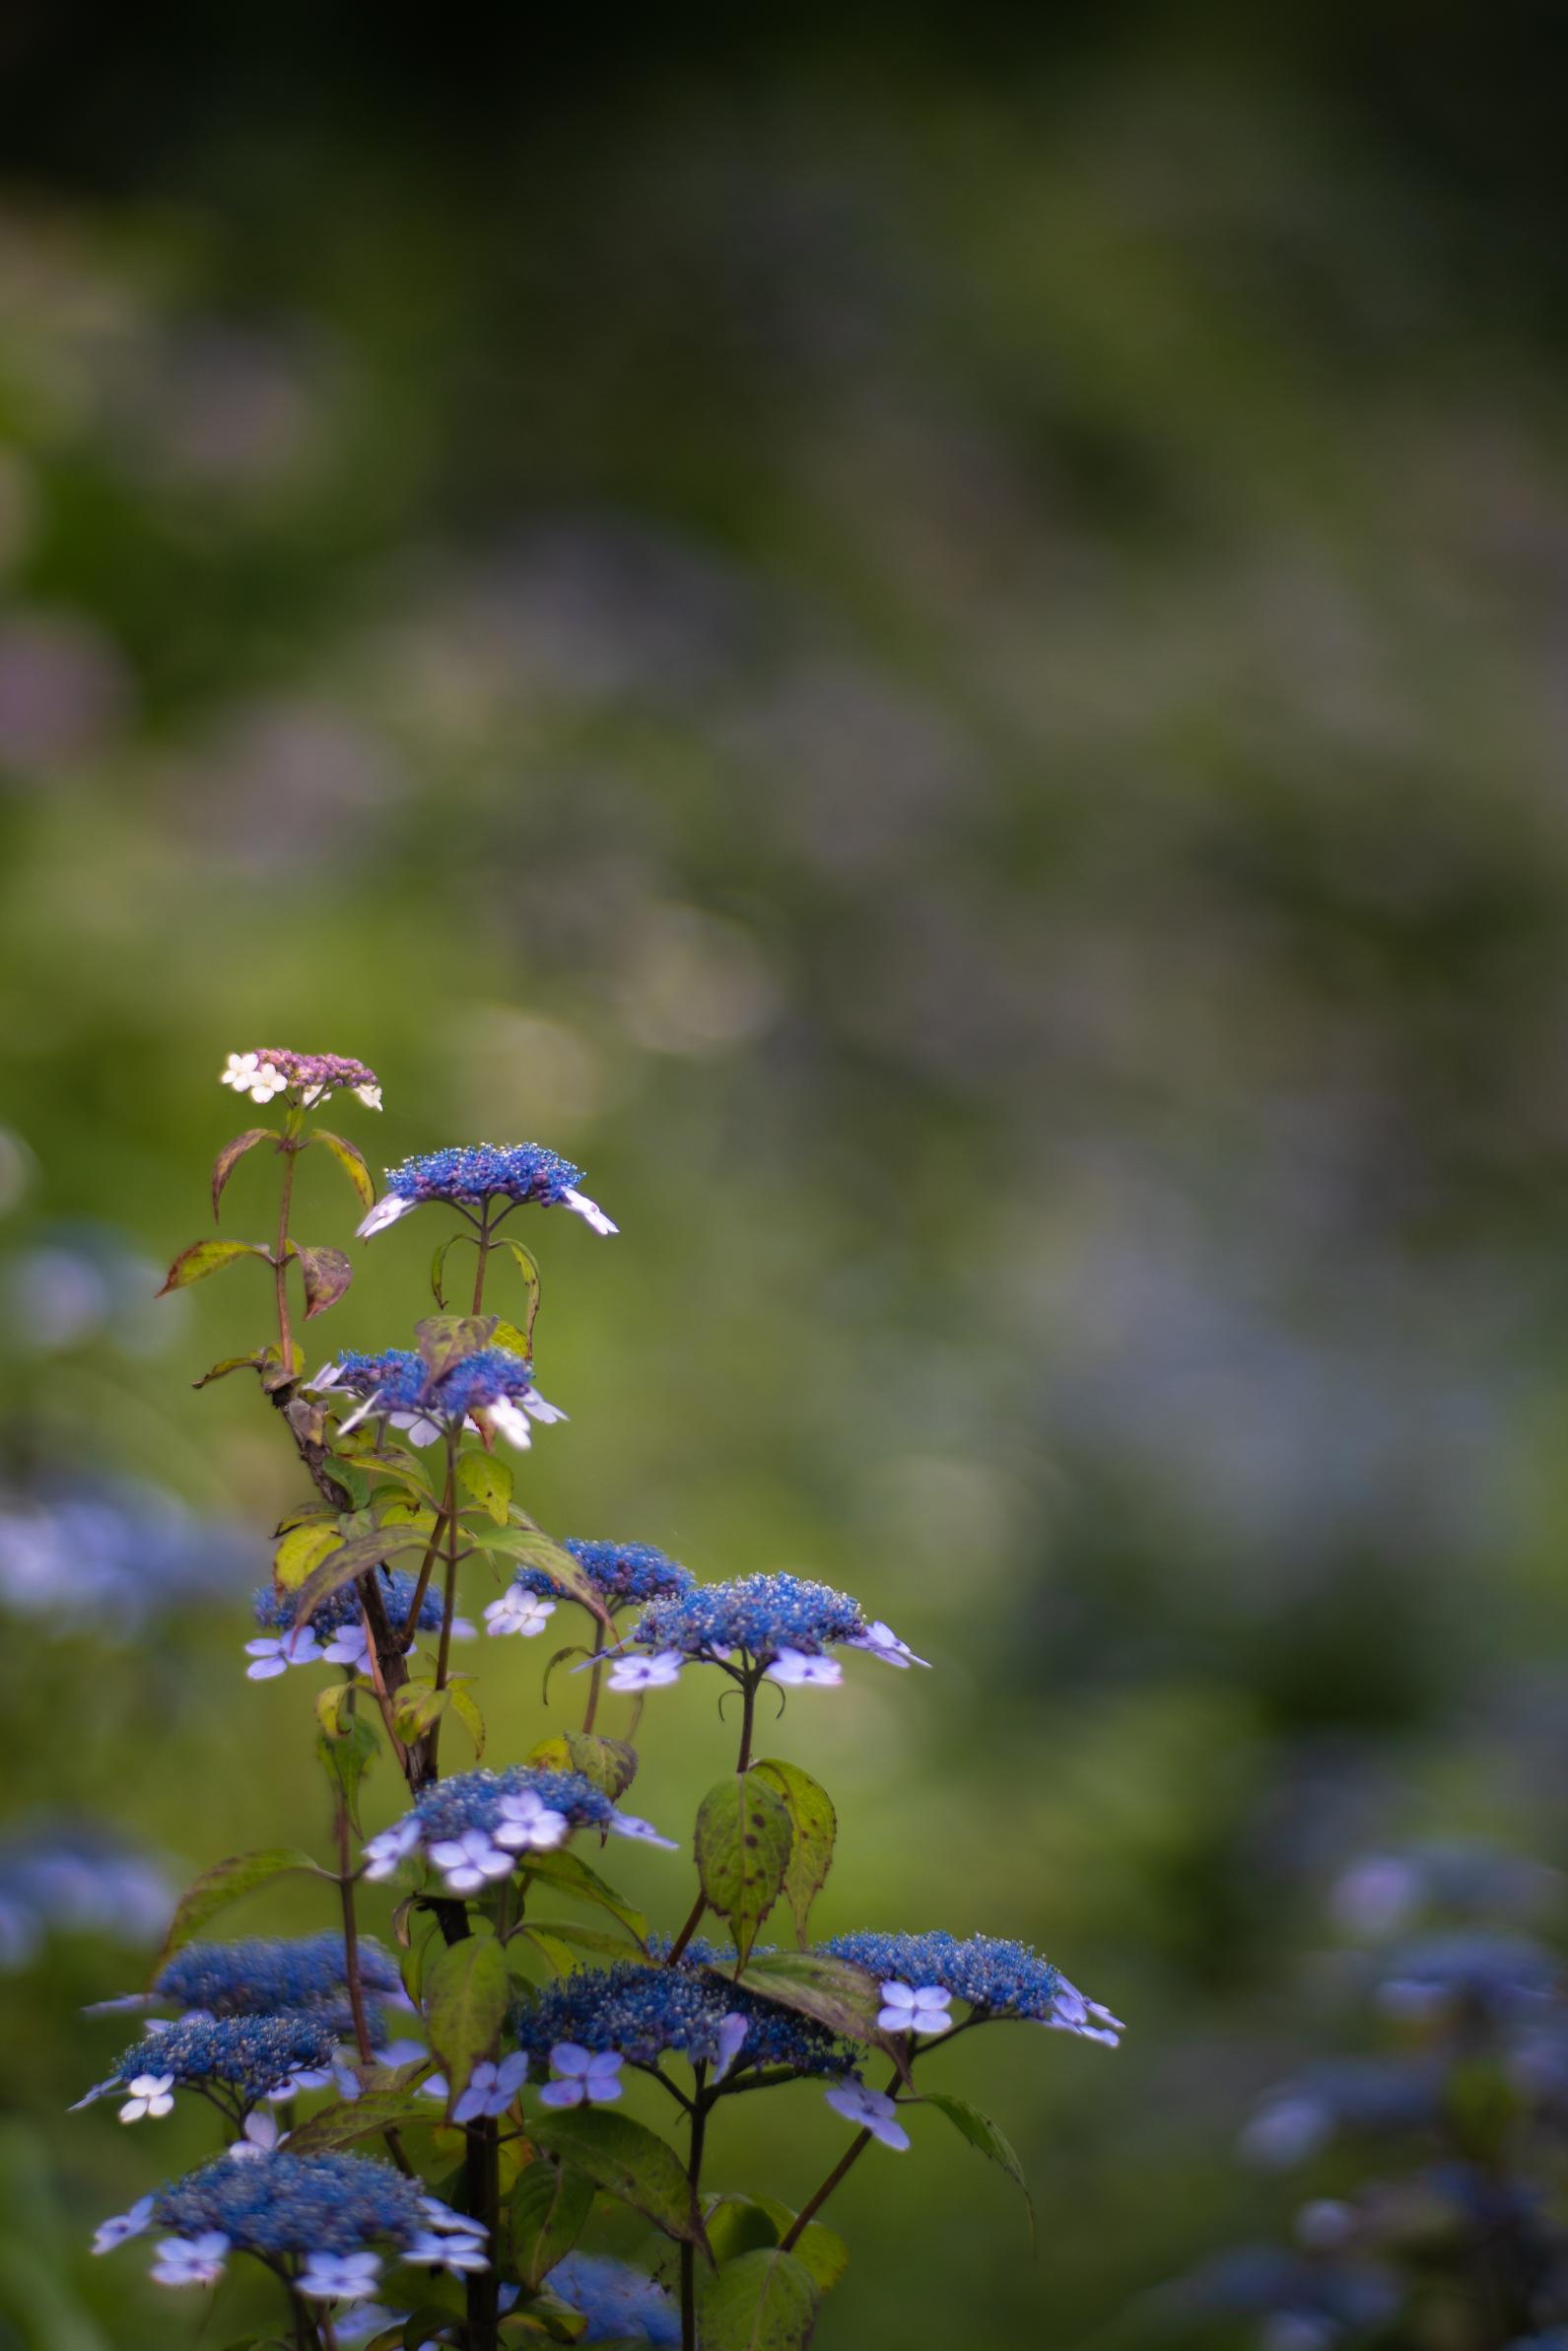 2020.06.21 秩父美の山公園 紫陽花-24.jpg